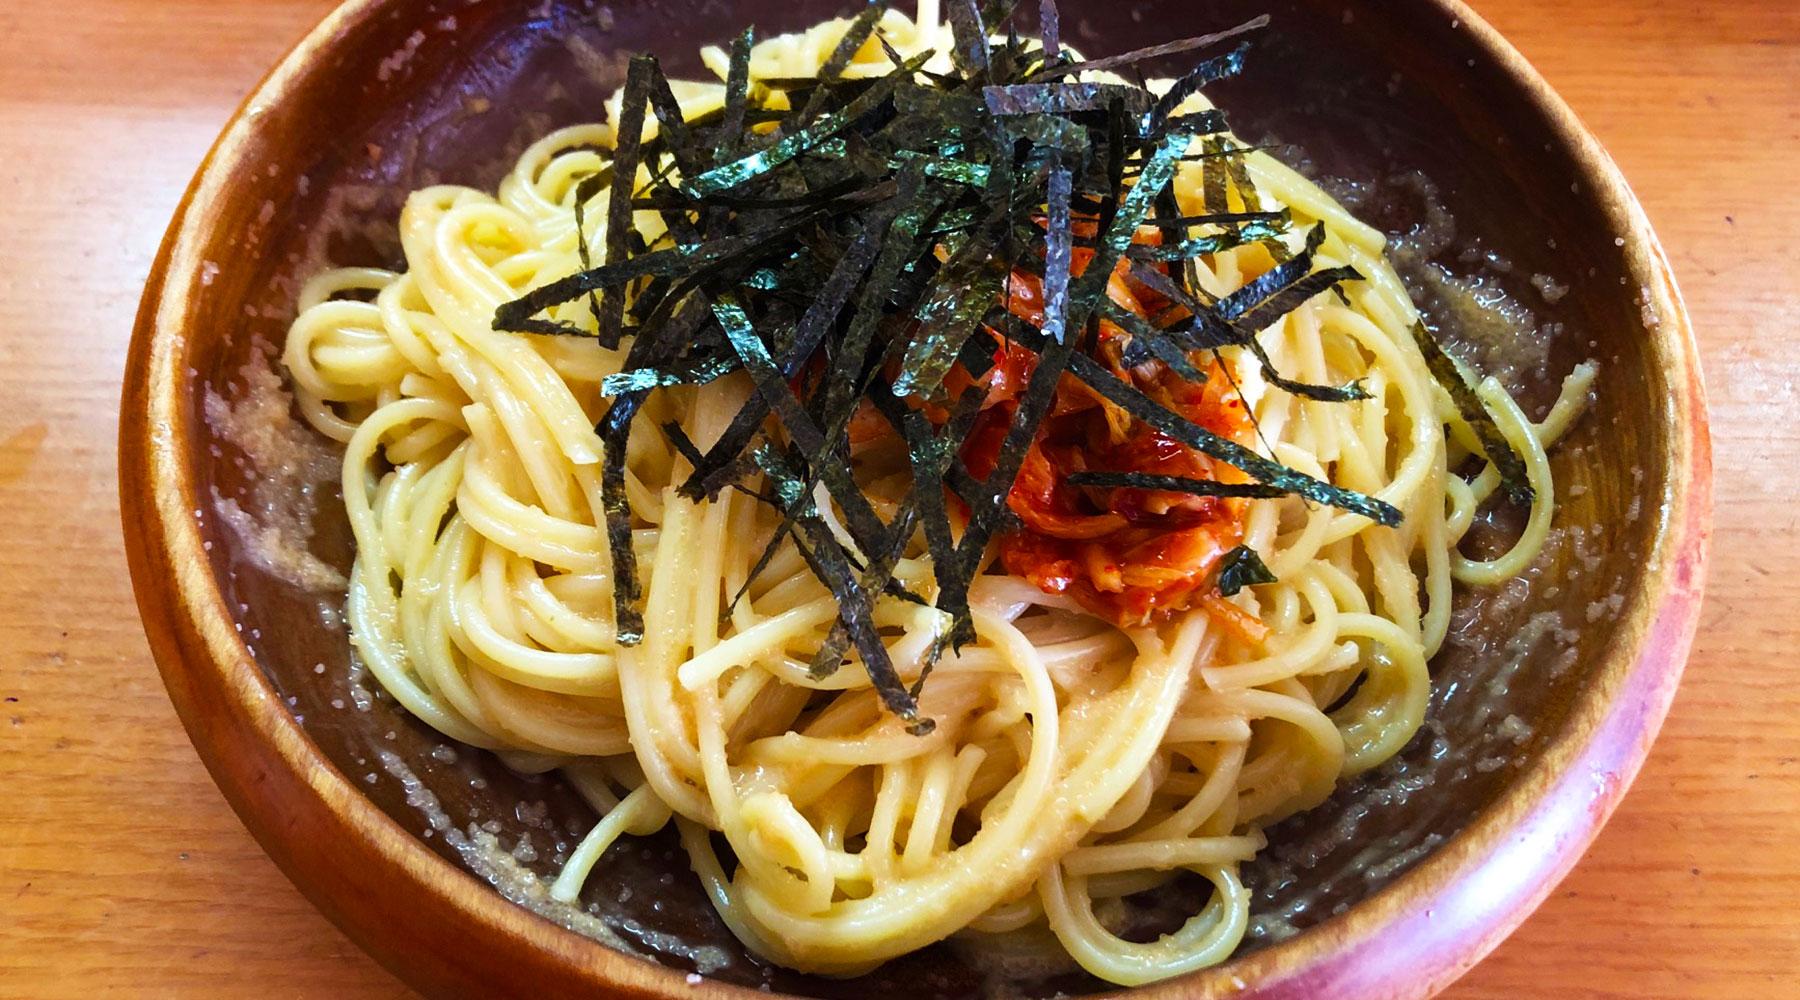 浦和・スパゲティピーノのたらことキムチのスパゲティ